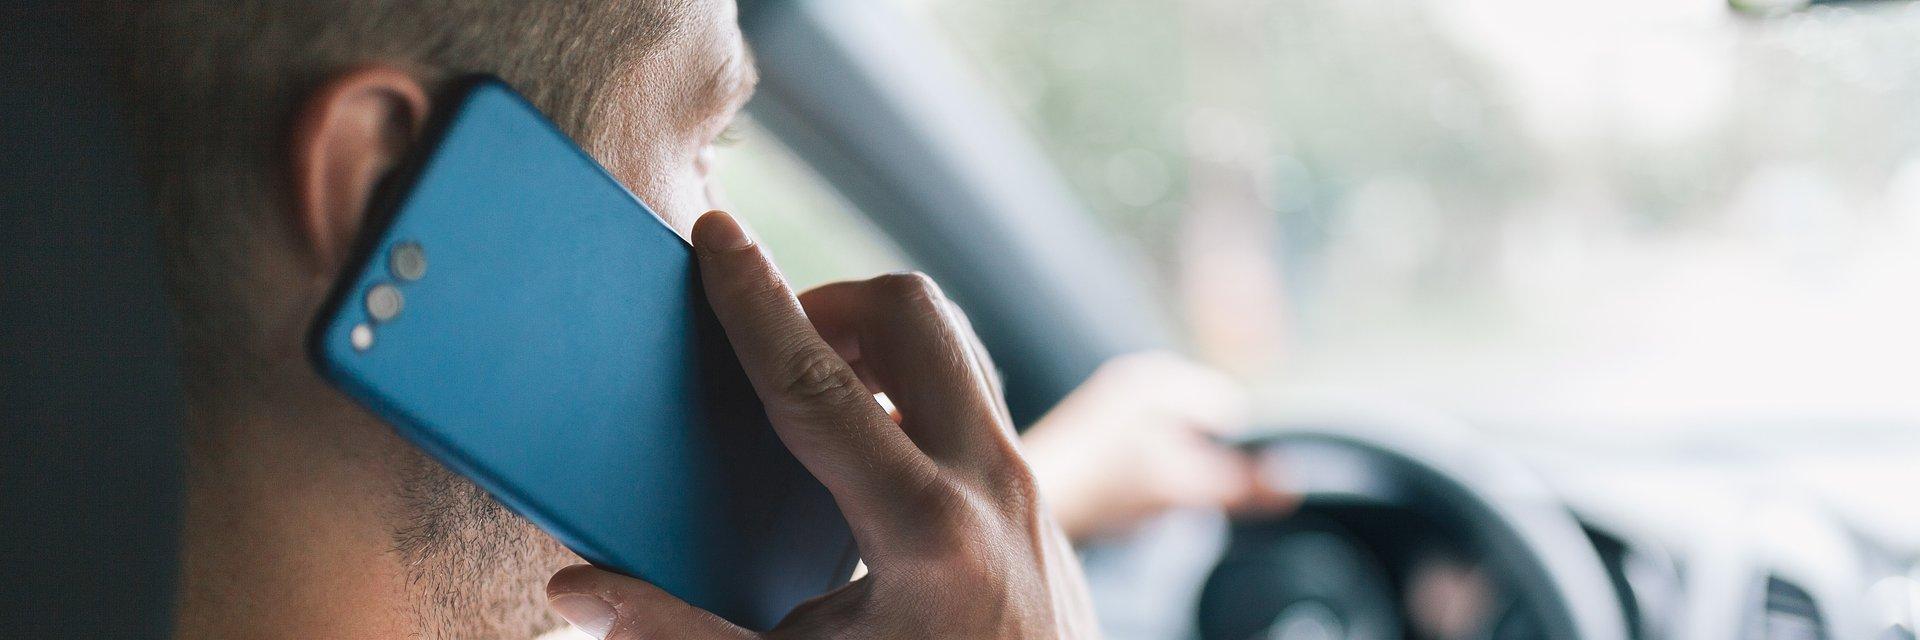 NaviExpert wprowadza nową funkcję i zwraca uwagę na poważny problem wśród kierowców